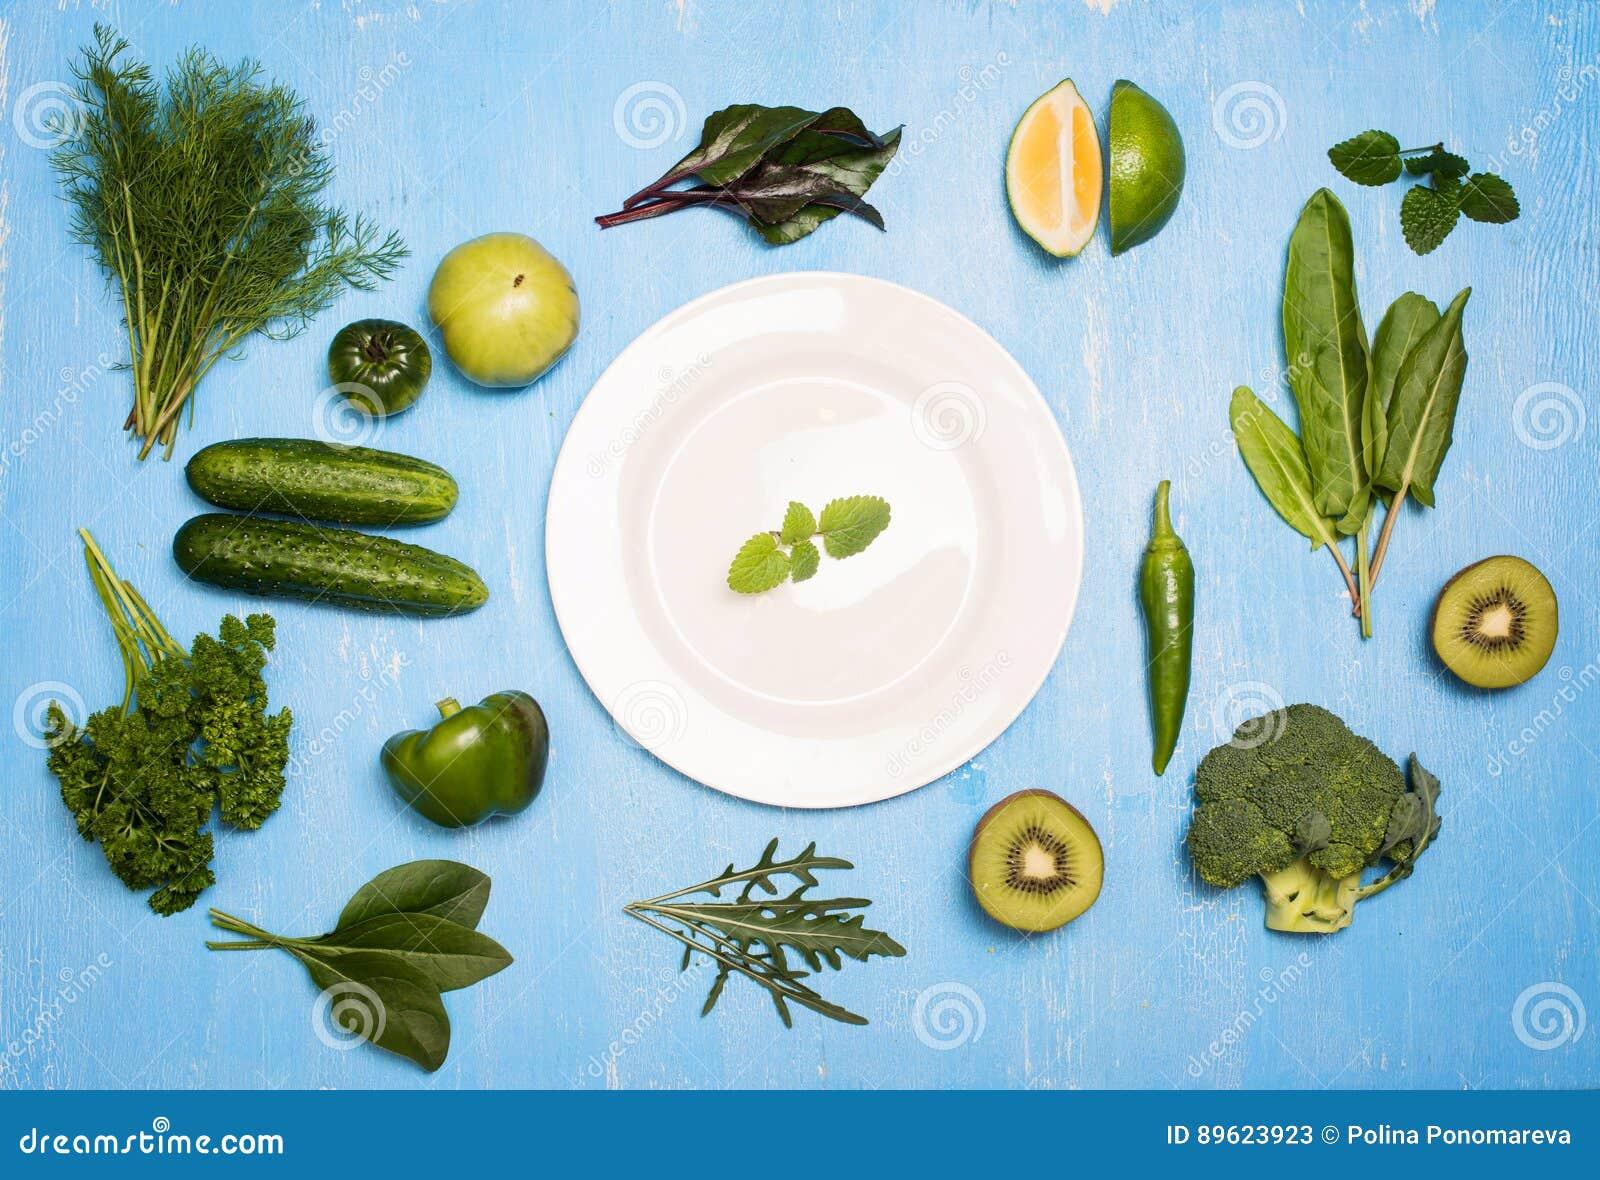 les légumes verts portent des fruits et des herbes autour du plat